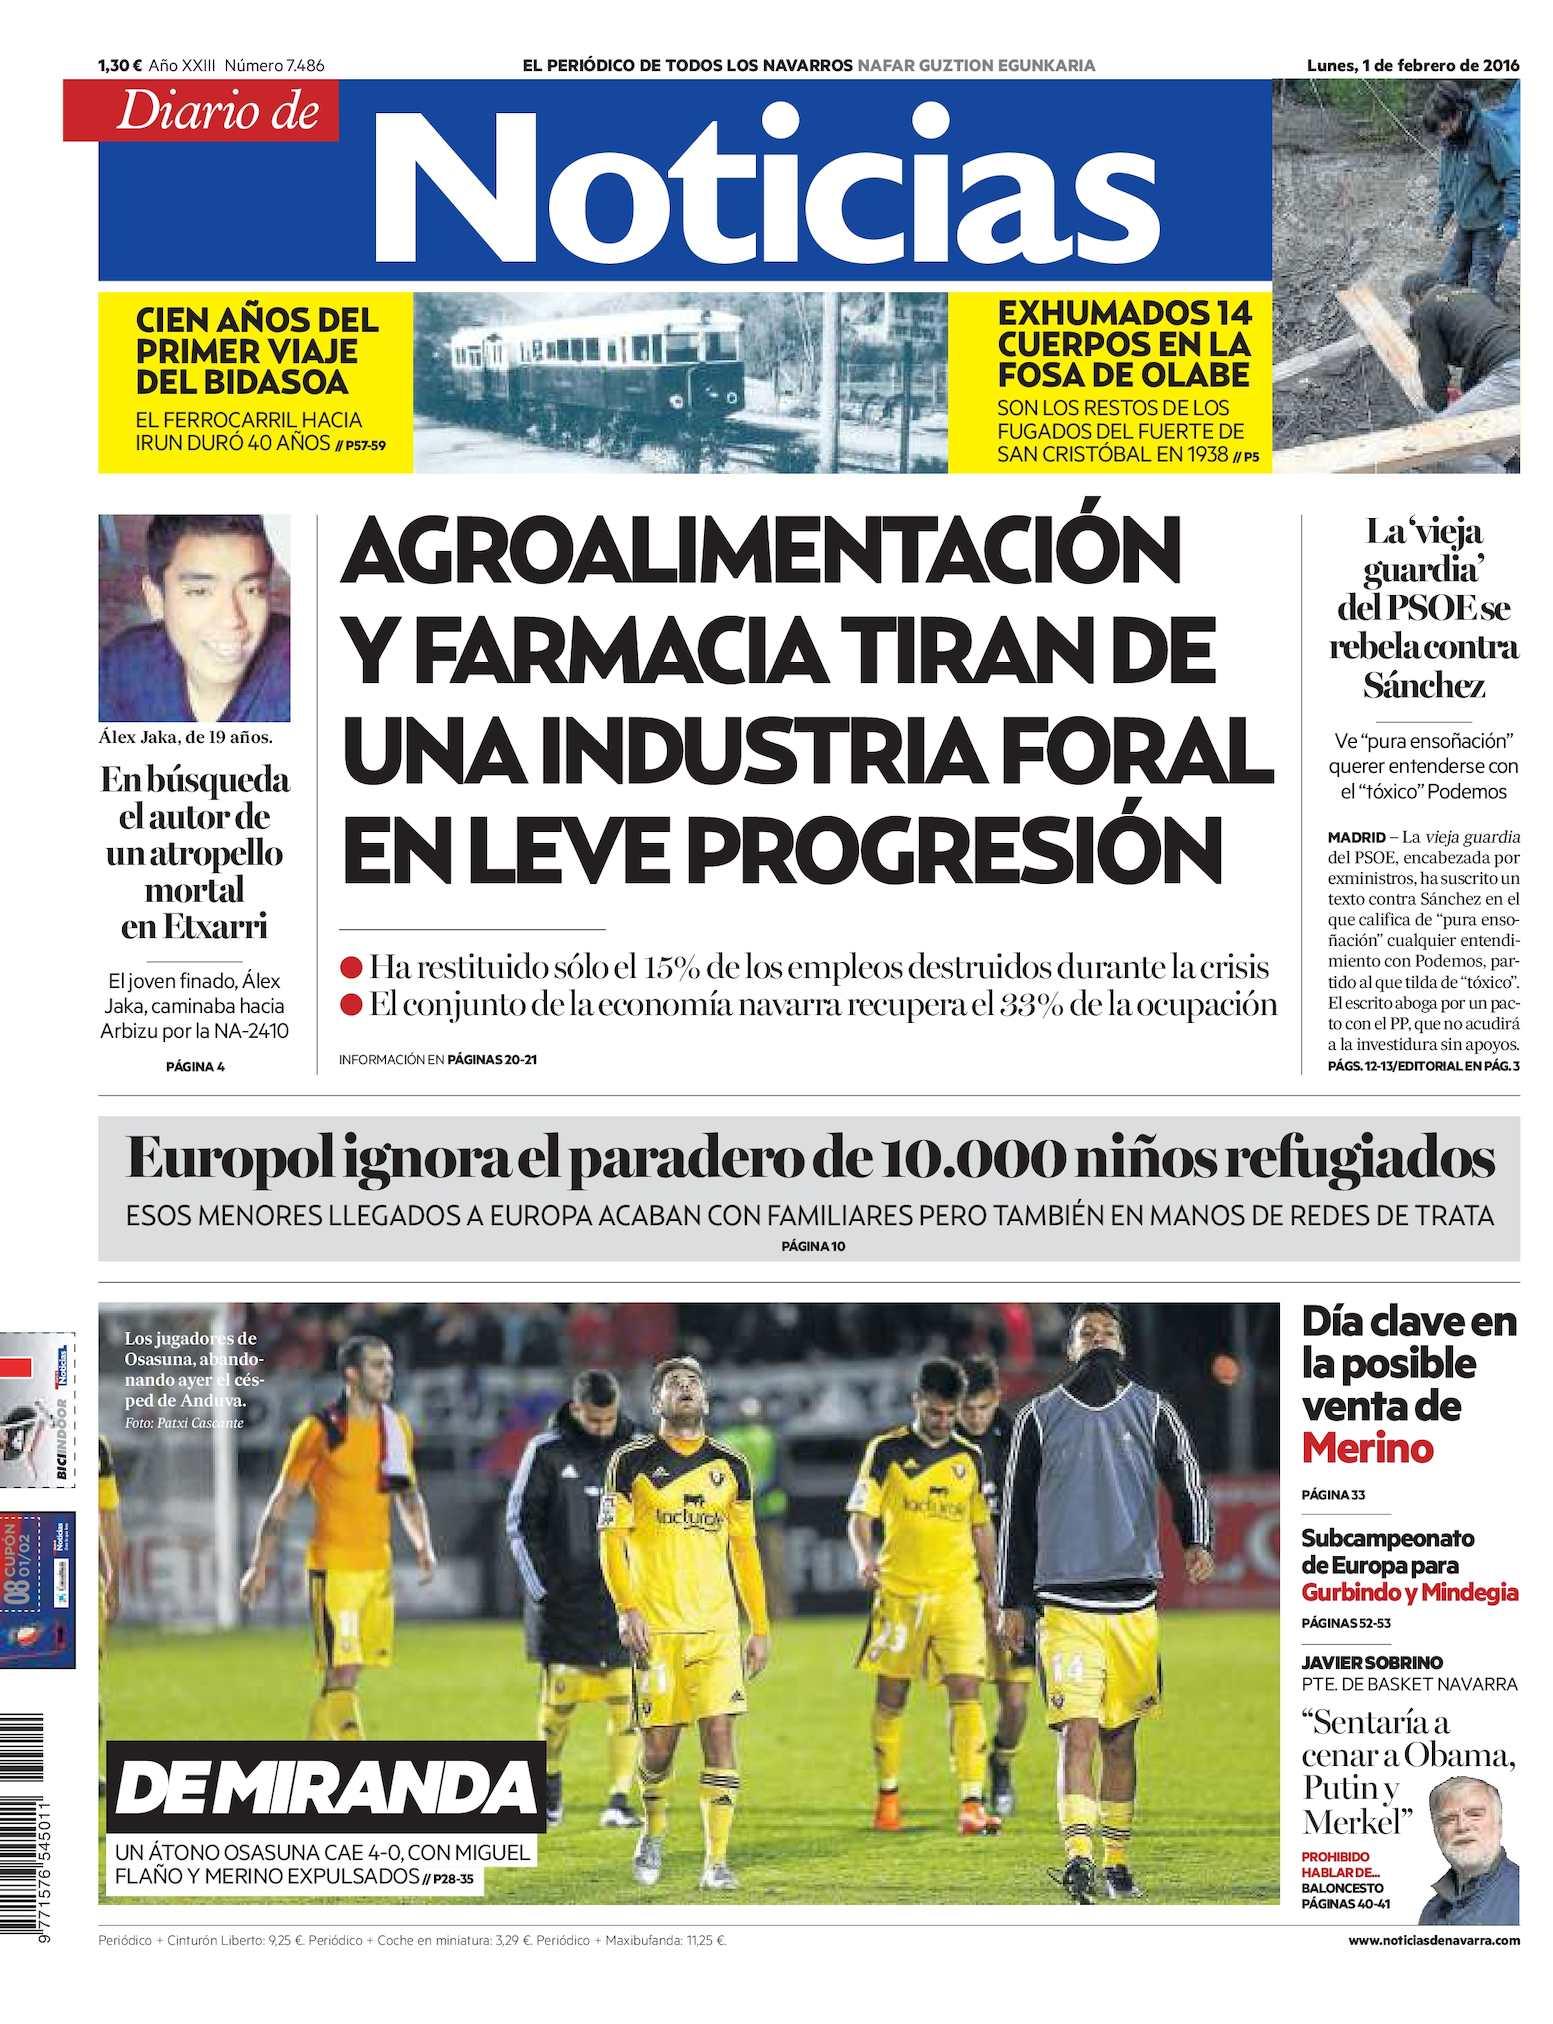 6e6ba1c652ae Calaméo - Diario de Noticias 20160201